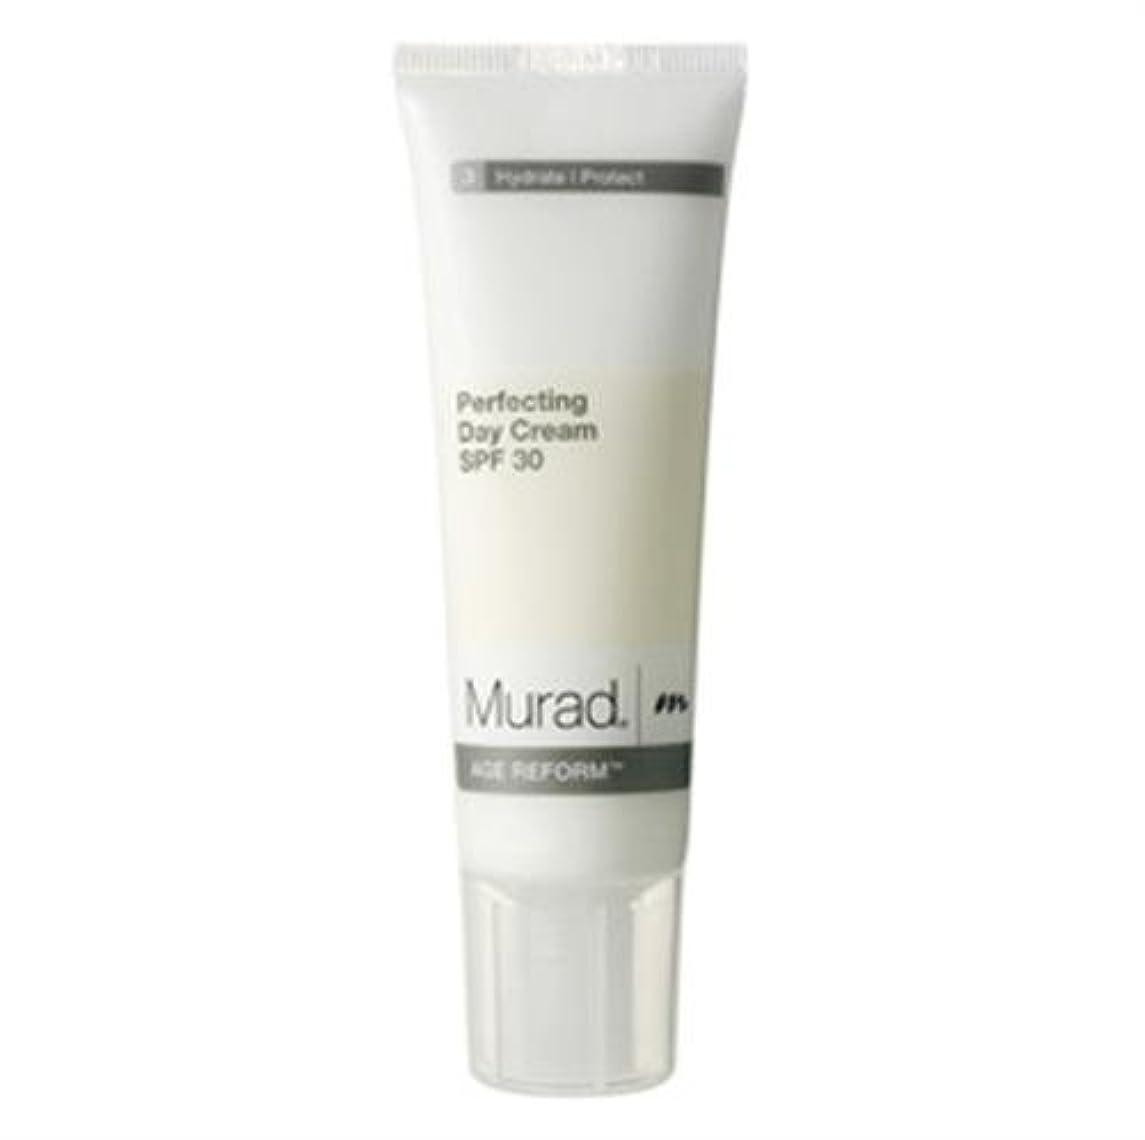 アジャルーフポスターミュラド Perfecting Day Cream SPF30 - Dry/Sensitive Skin (Exp. Date 03/2020) 50ml/1.7oz並行輸入品